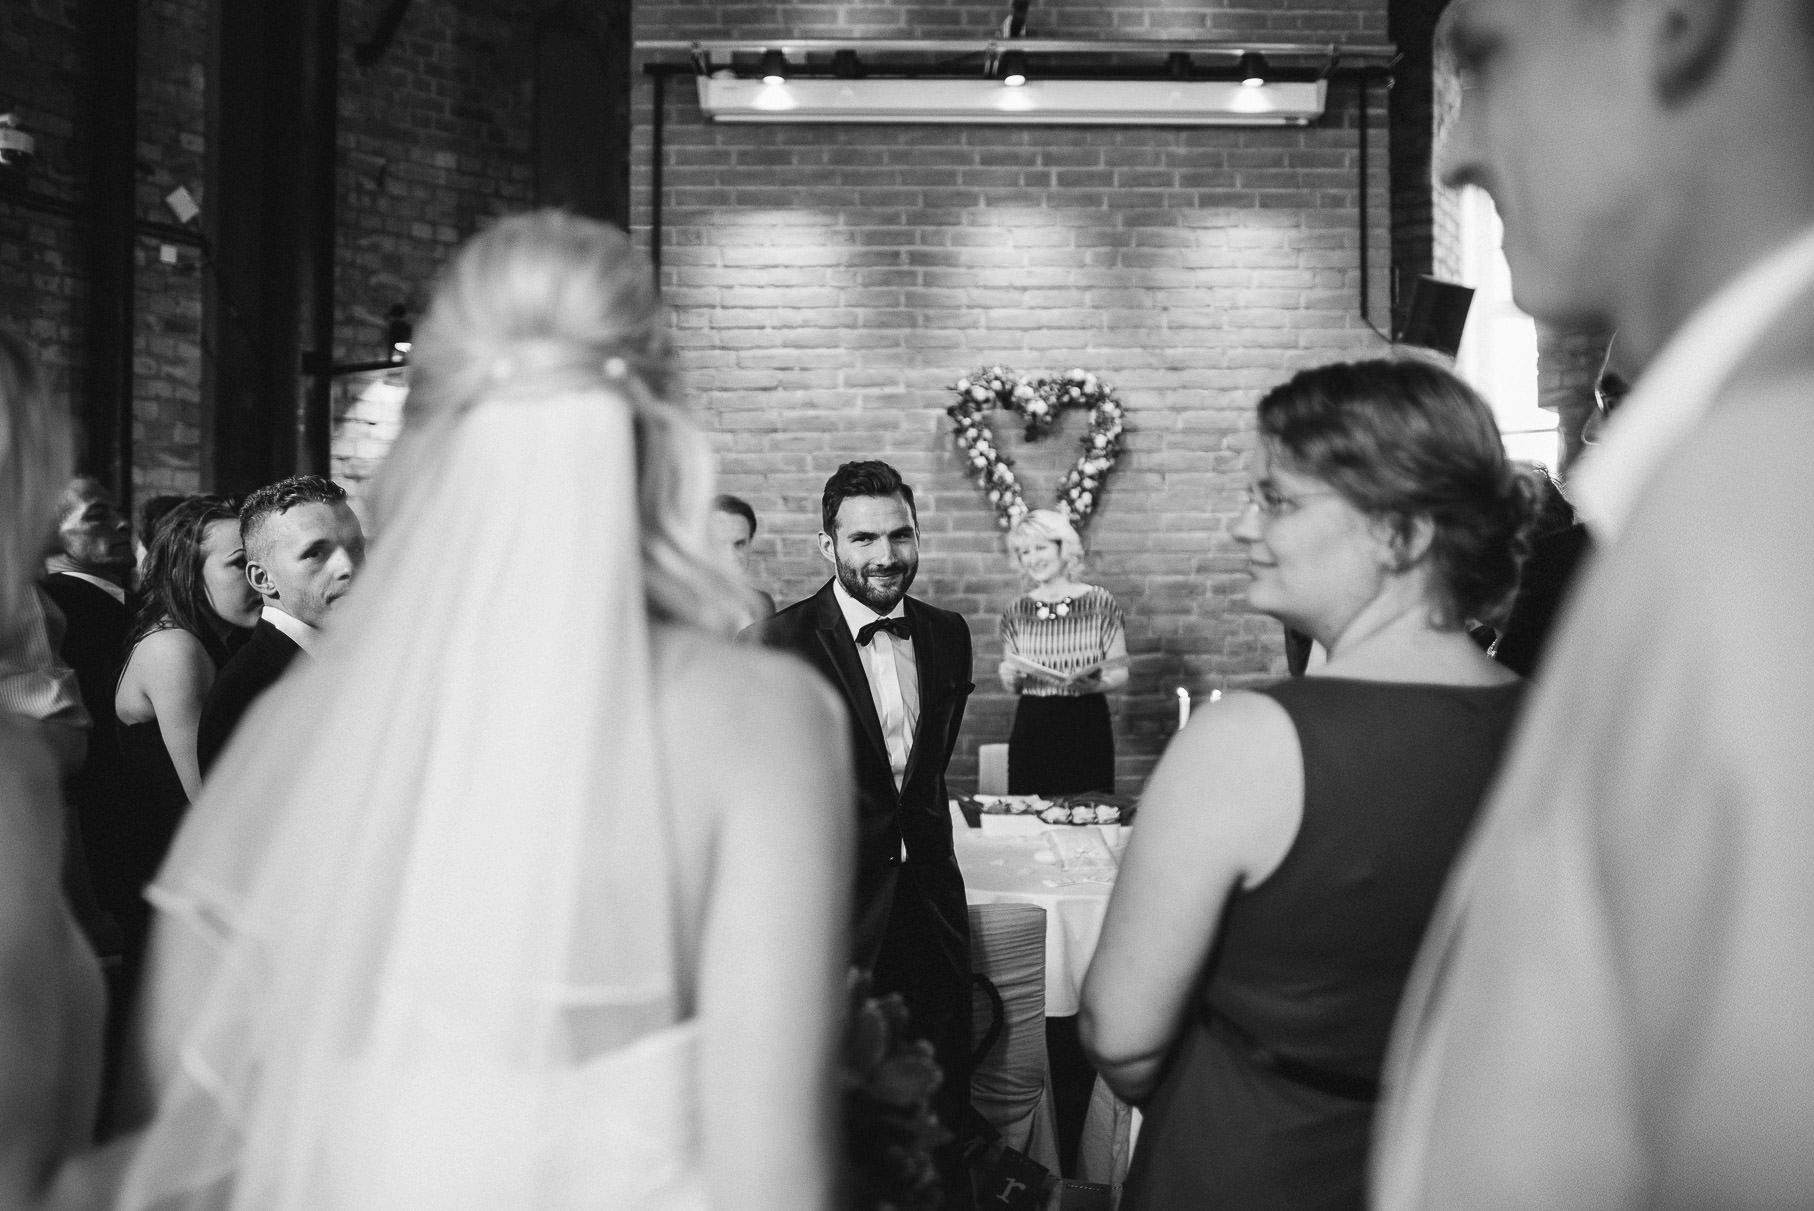 0024 jus 812 8833 - Hochzeit im Wasserturm Lüneburg - Jenny & Sascha